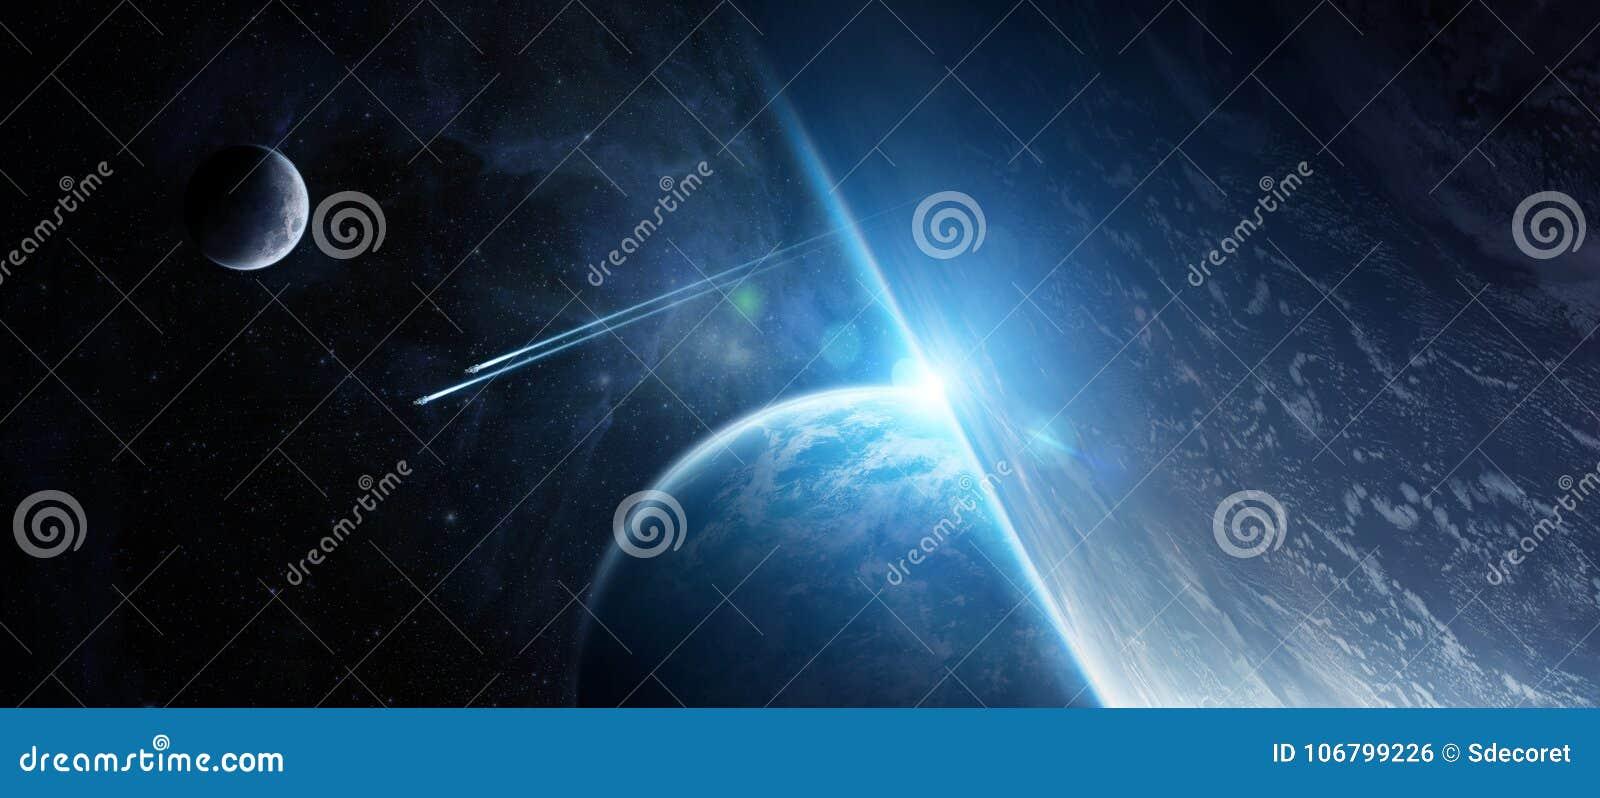 Download Восход солнца над дистантной системой планеты в элементе перевода космоса 3D Иллюстрация штока - иллюстрации насчитывающей галактика, метеорит: 106799226